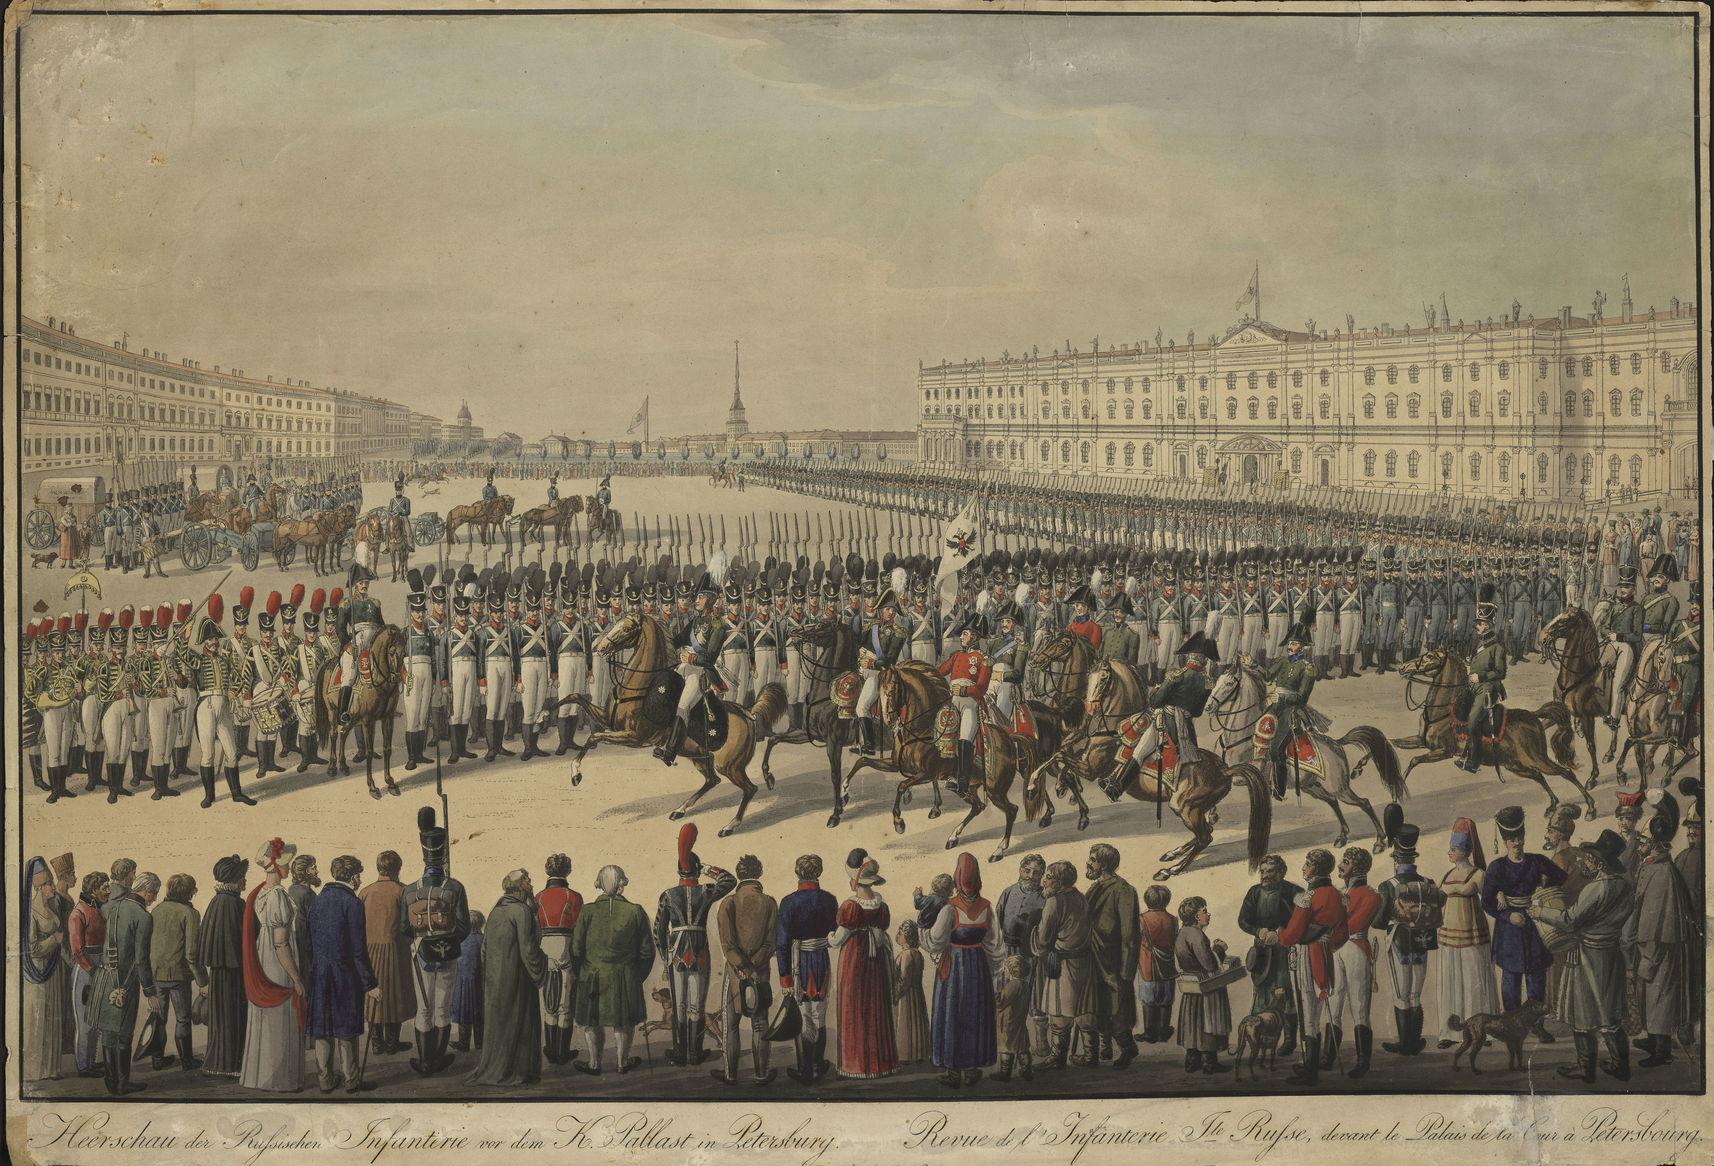 Гравюра В.Кобеля Встреча русской пехоты перед Дворцовой площадью Санк-Петербурга, 1815